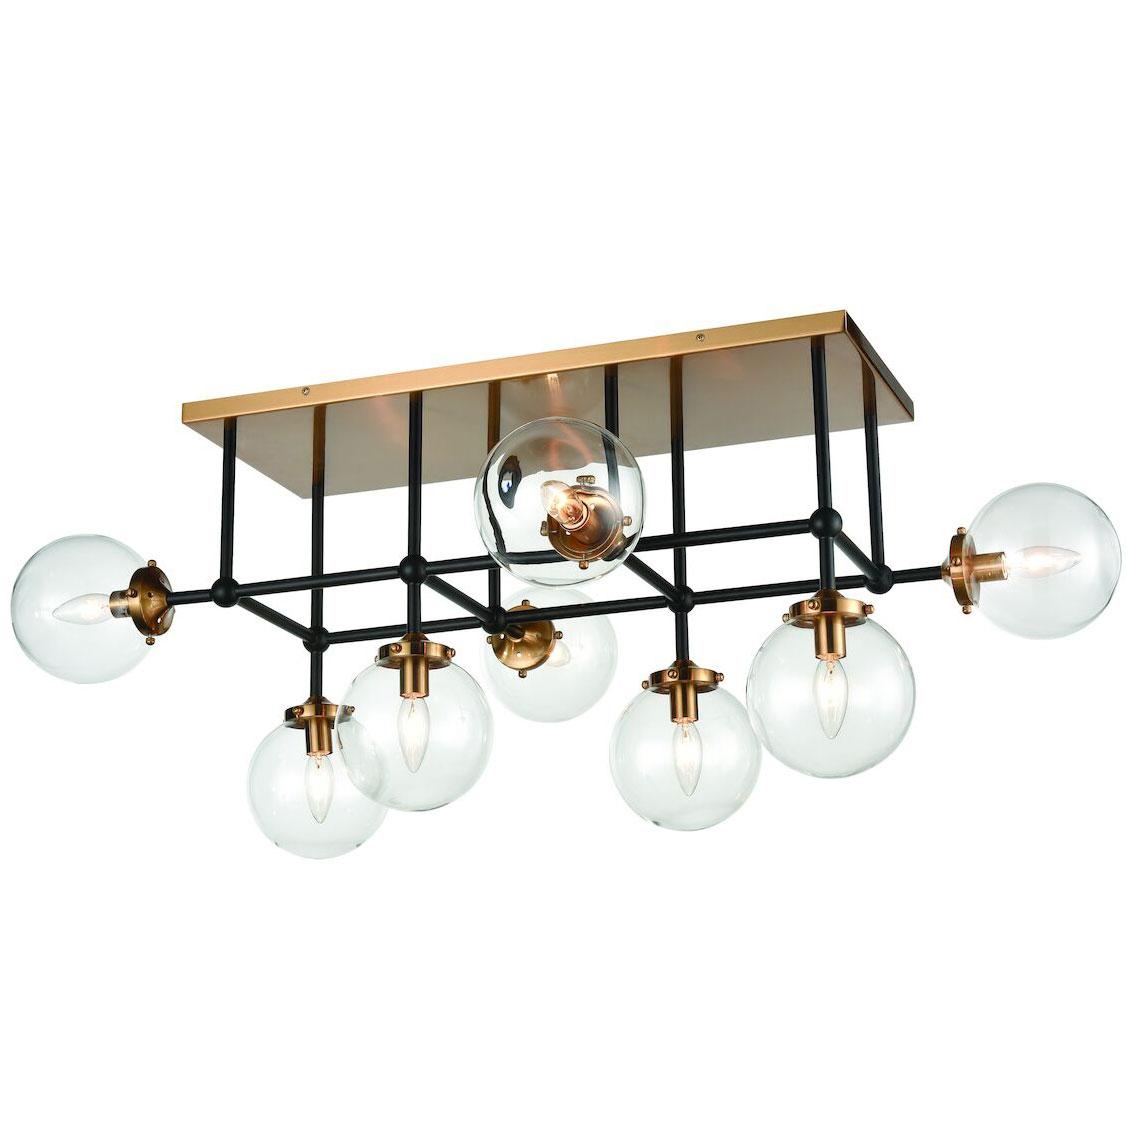 boudreaux 8 light semi flush ceiling light by elk lighting 15437 8